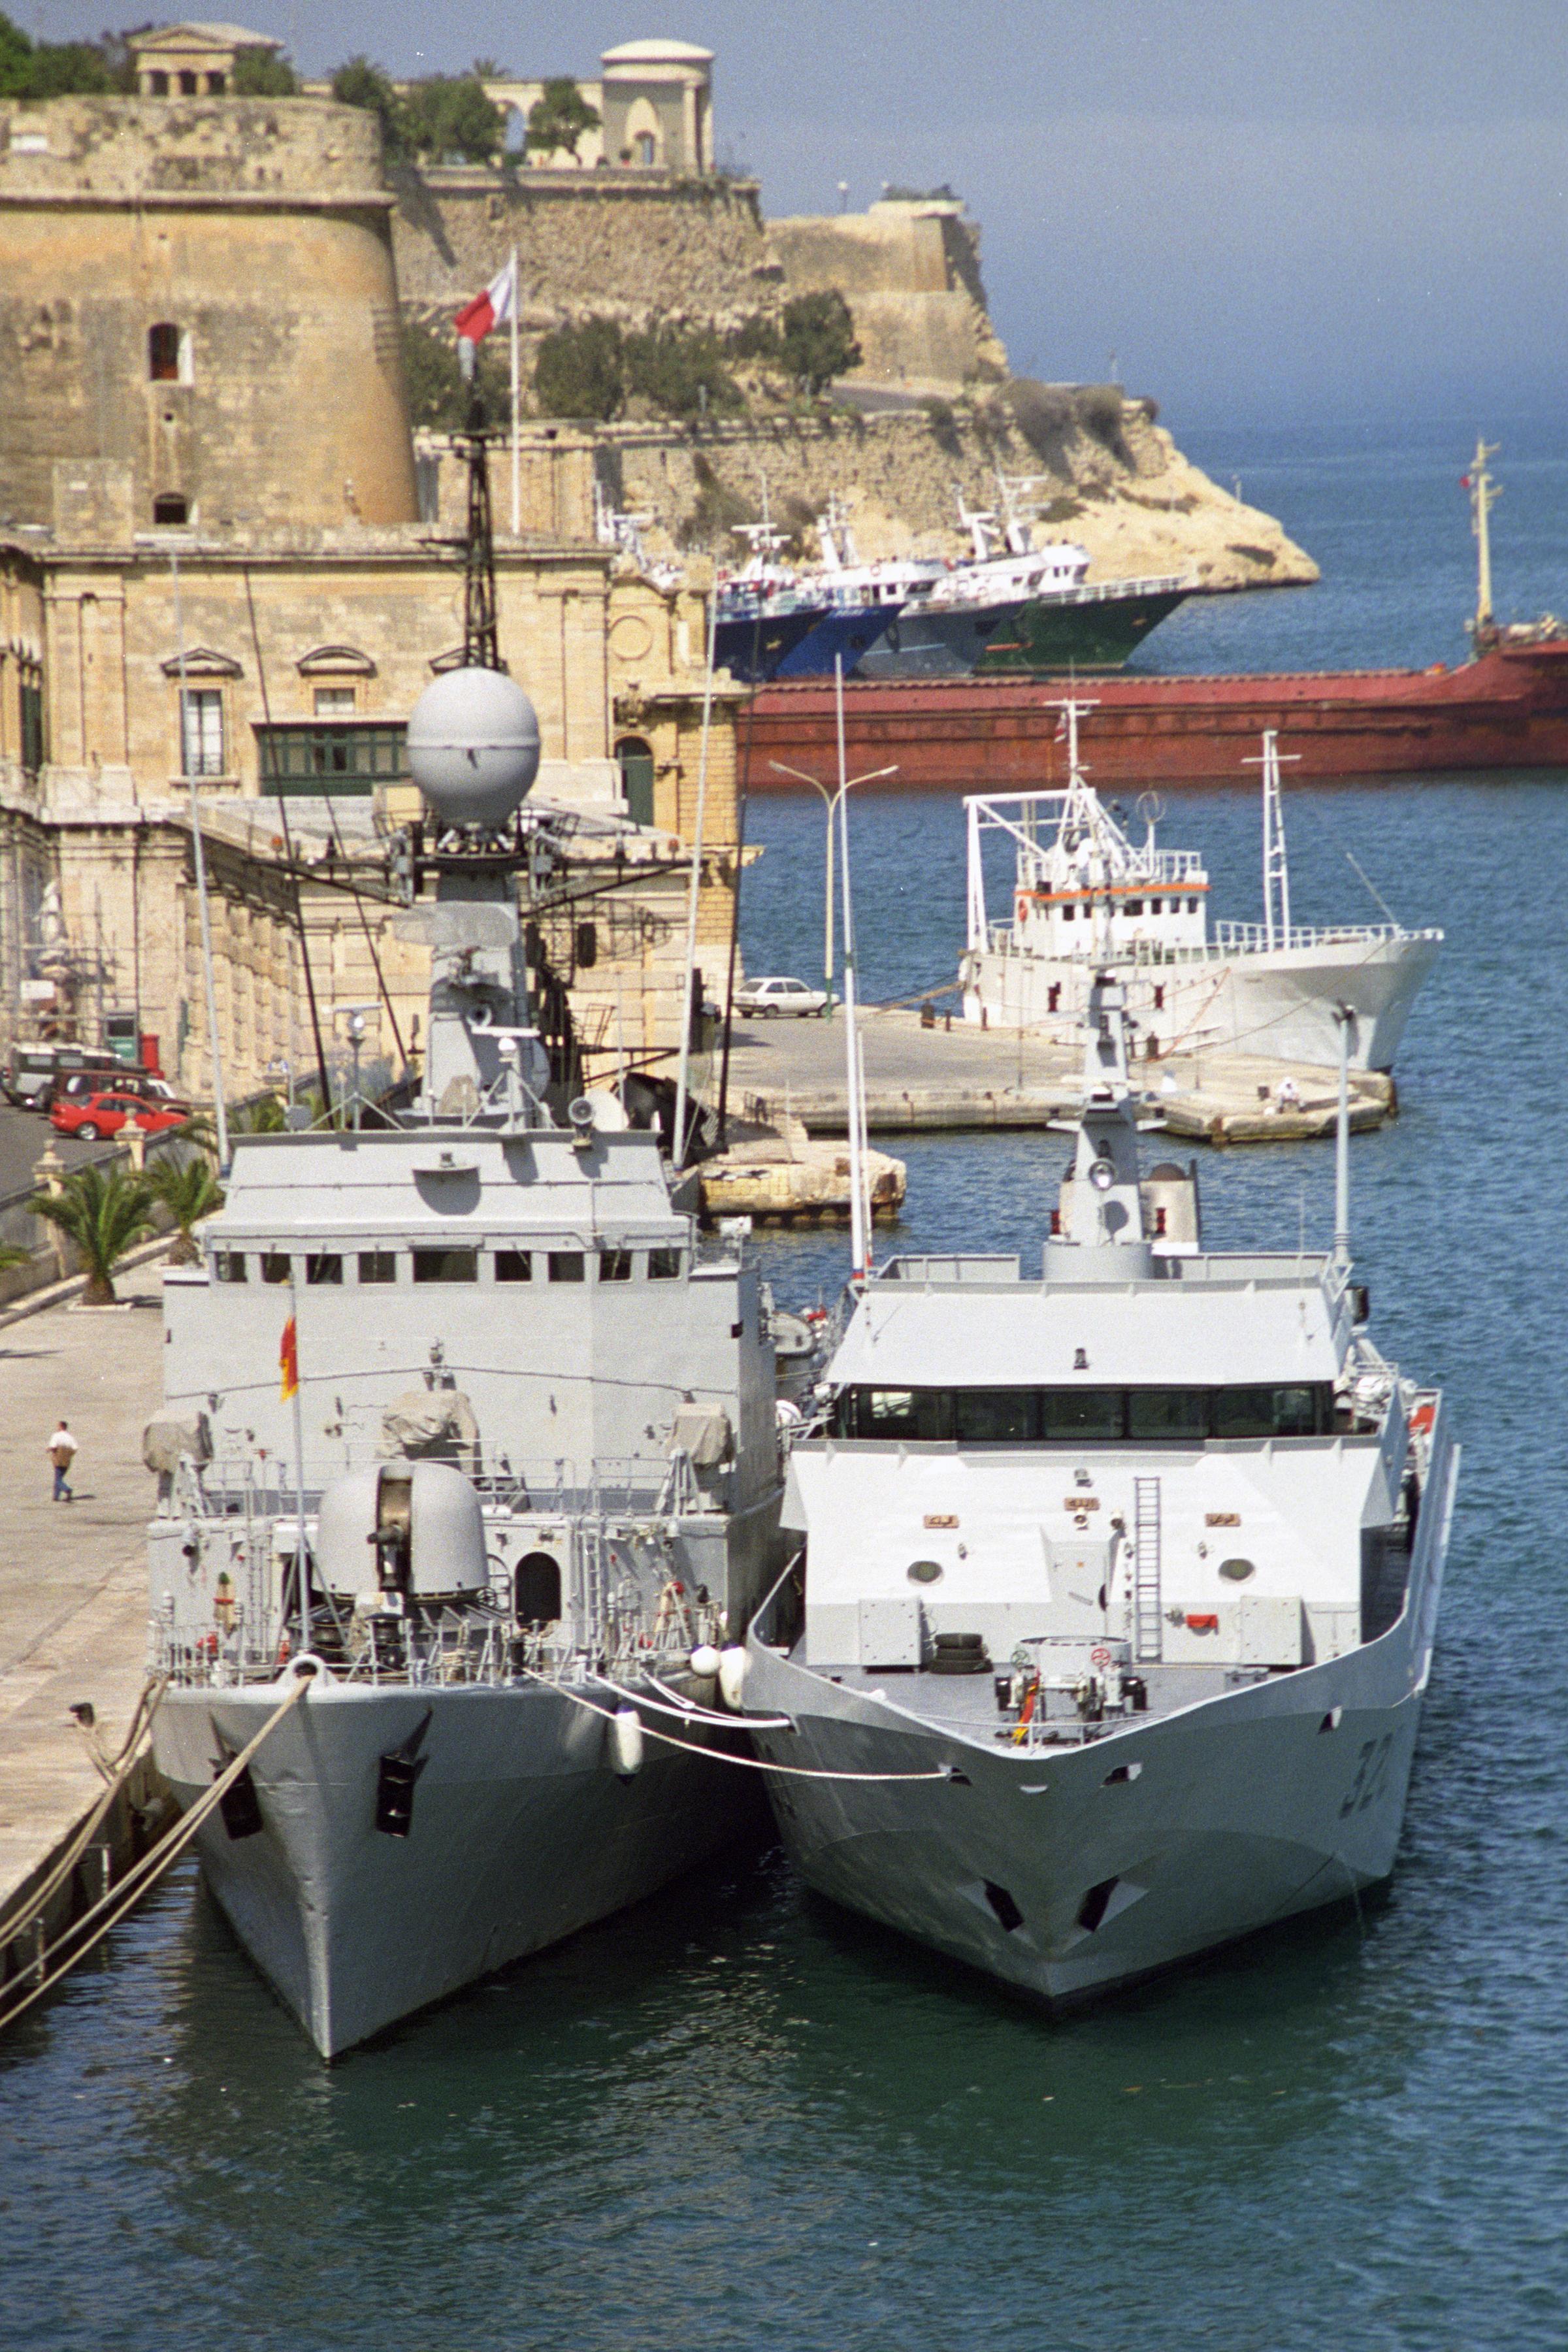 Royal Moroccan Navy Descubierta Frigate / Patrouilleur Océanique Lt Cl Errahmani - Bâtiment École - Page 3 24954309066_0819743cb8_o